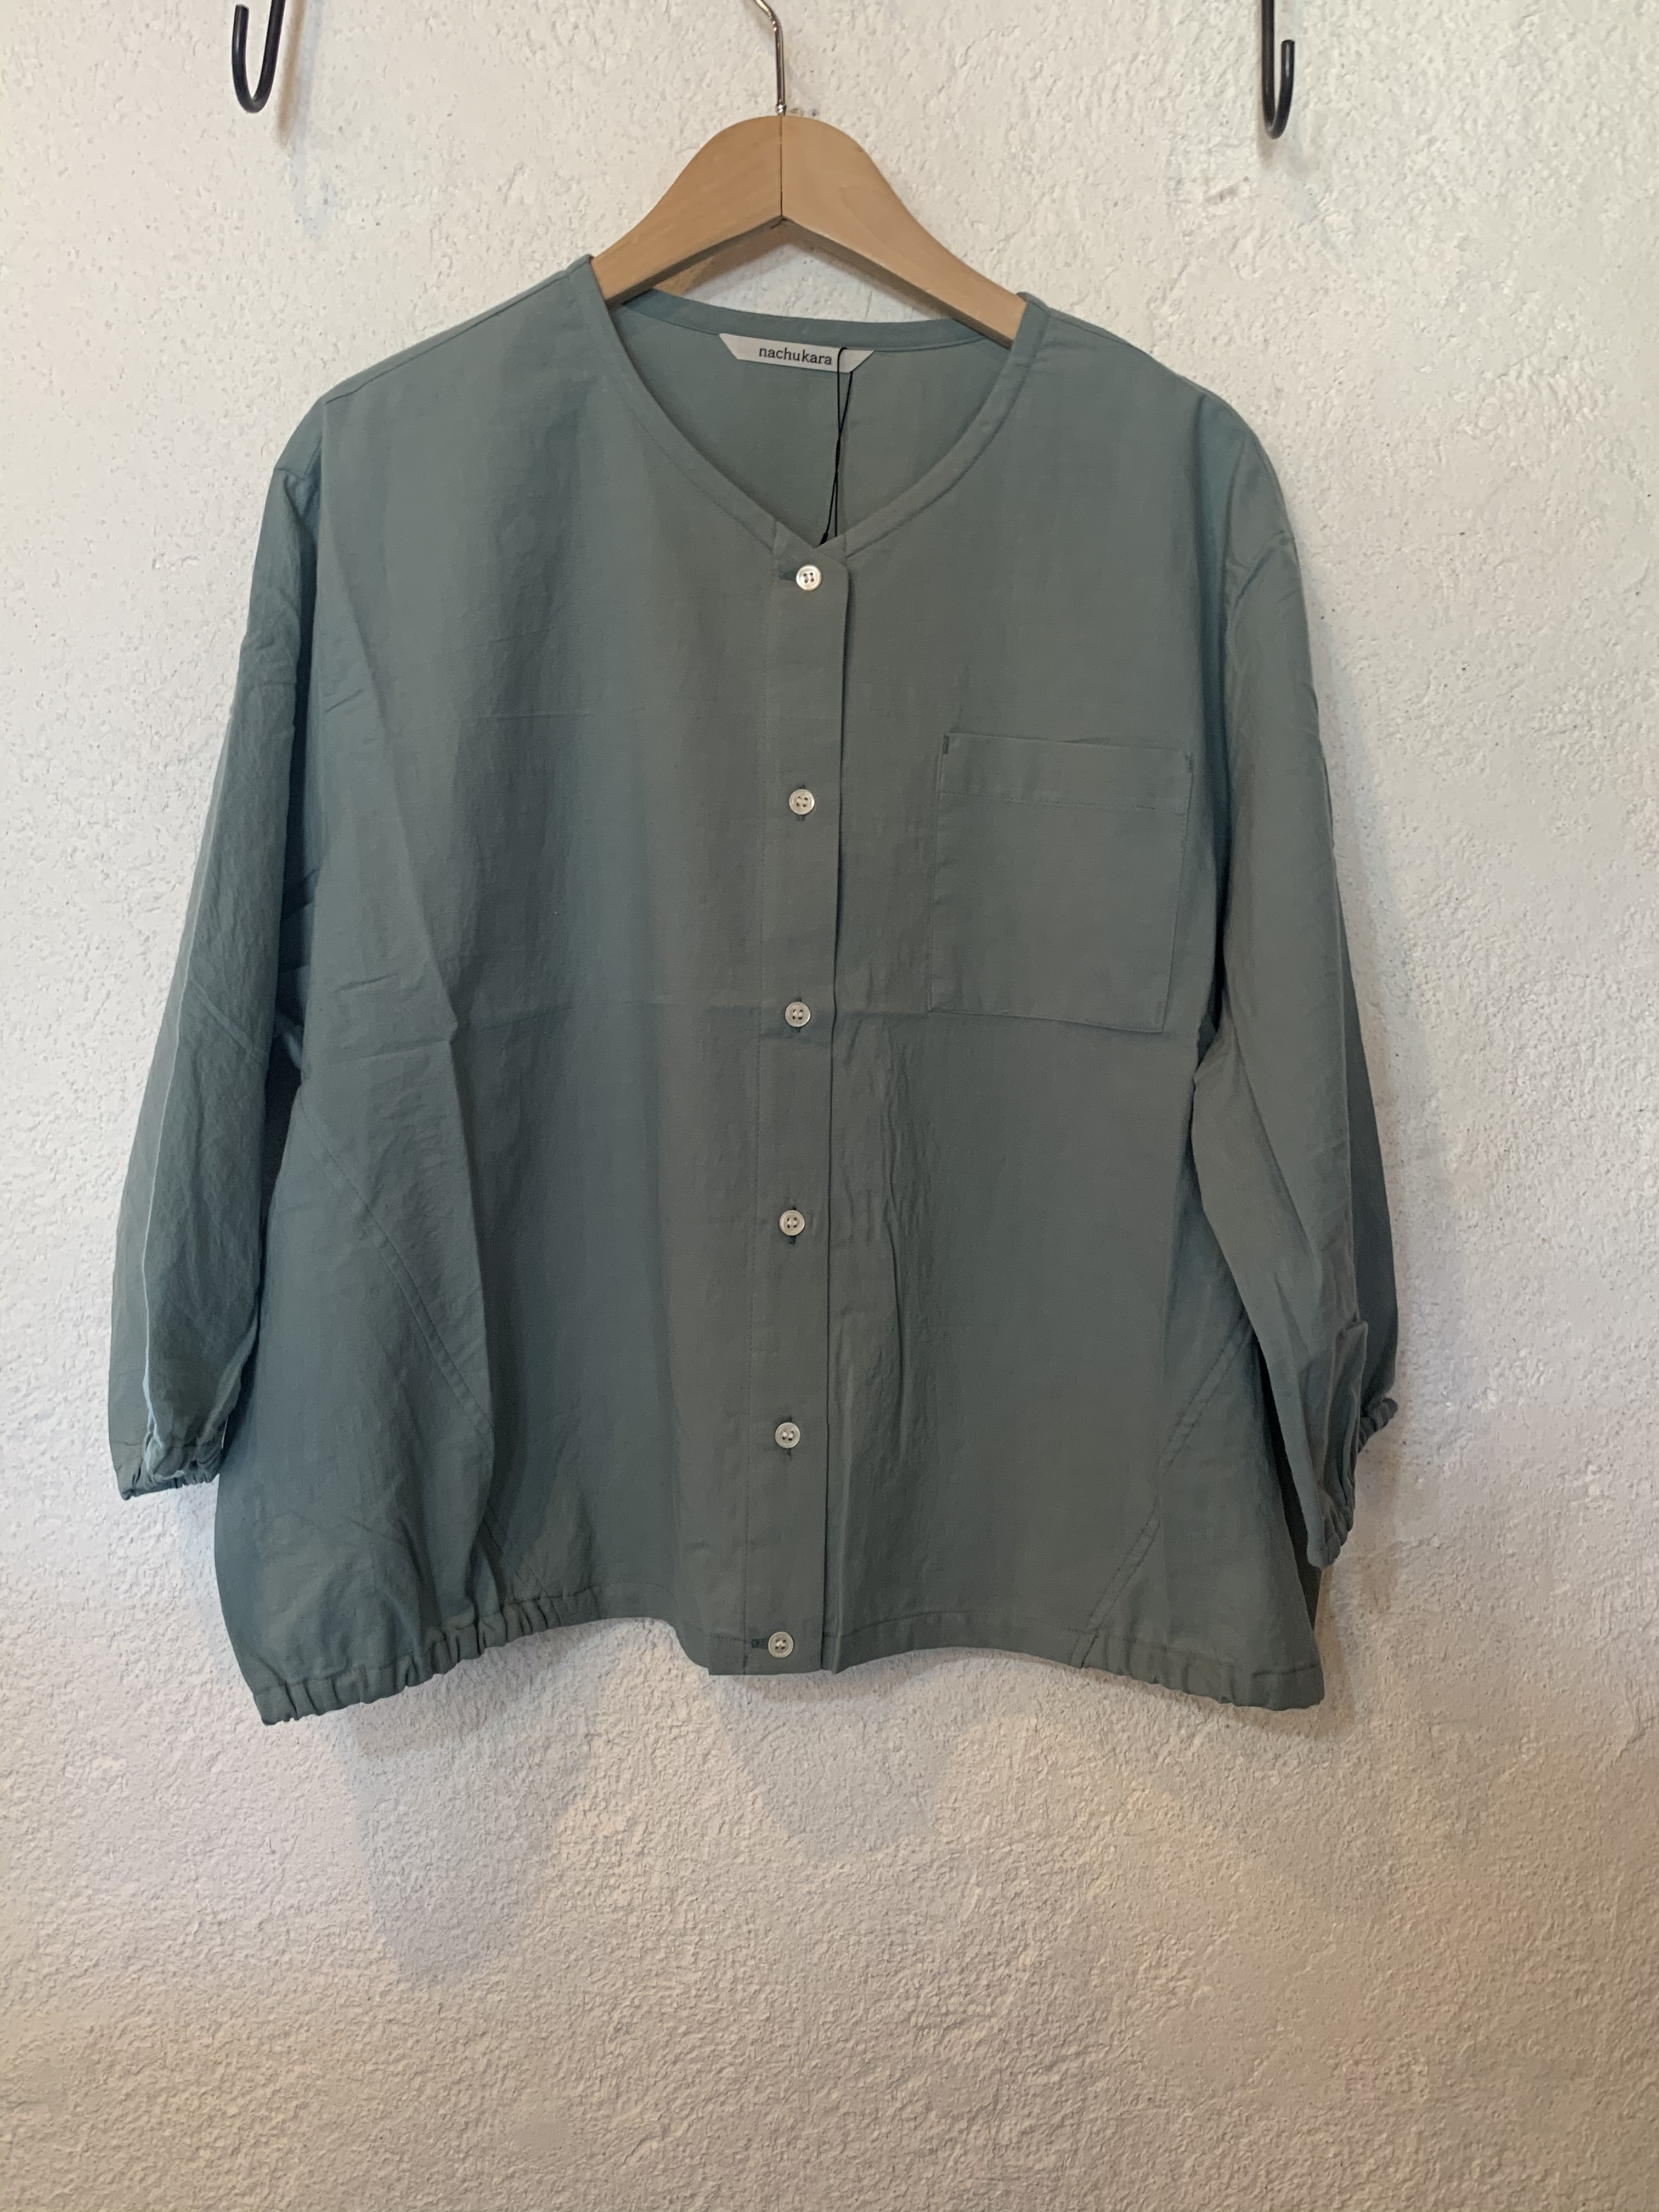 nachukara/裾ゴム7分袖ブラウス ミント